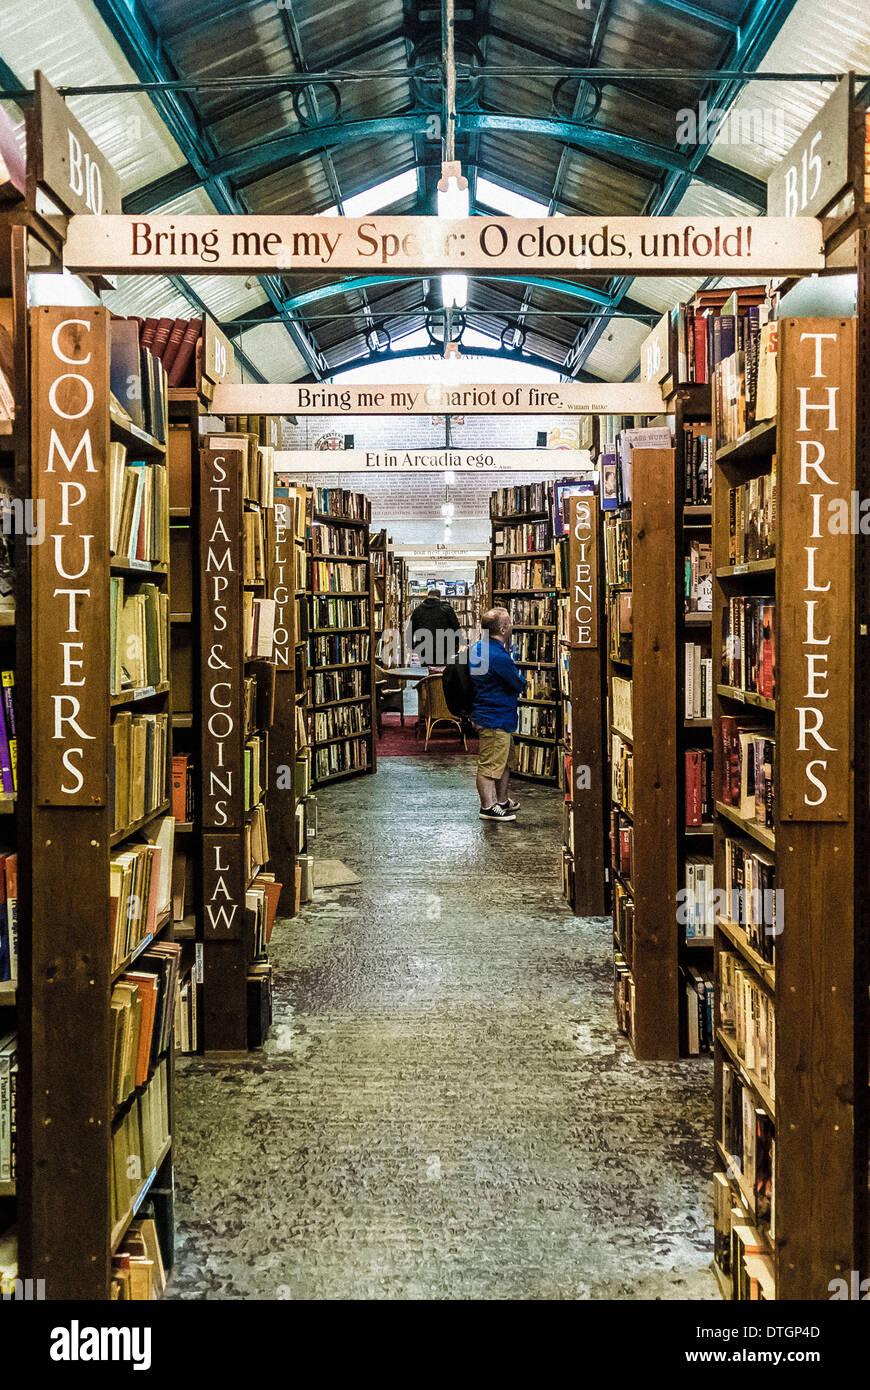 Barter Books, Alnwick, Northumberland, UK. - Stock Image